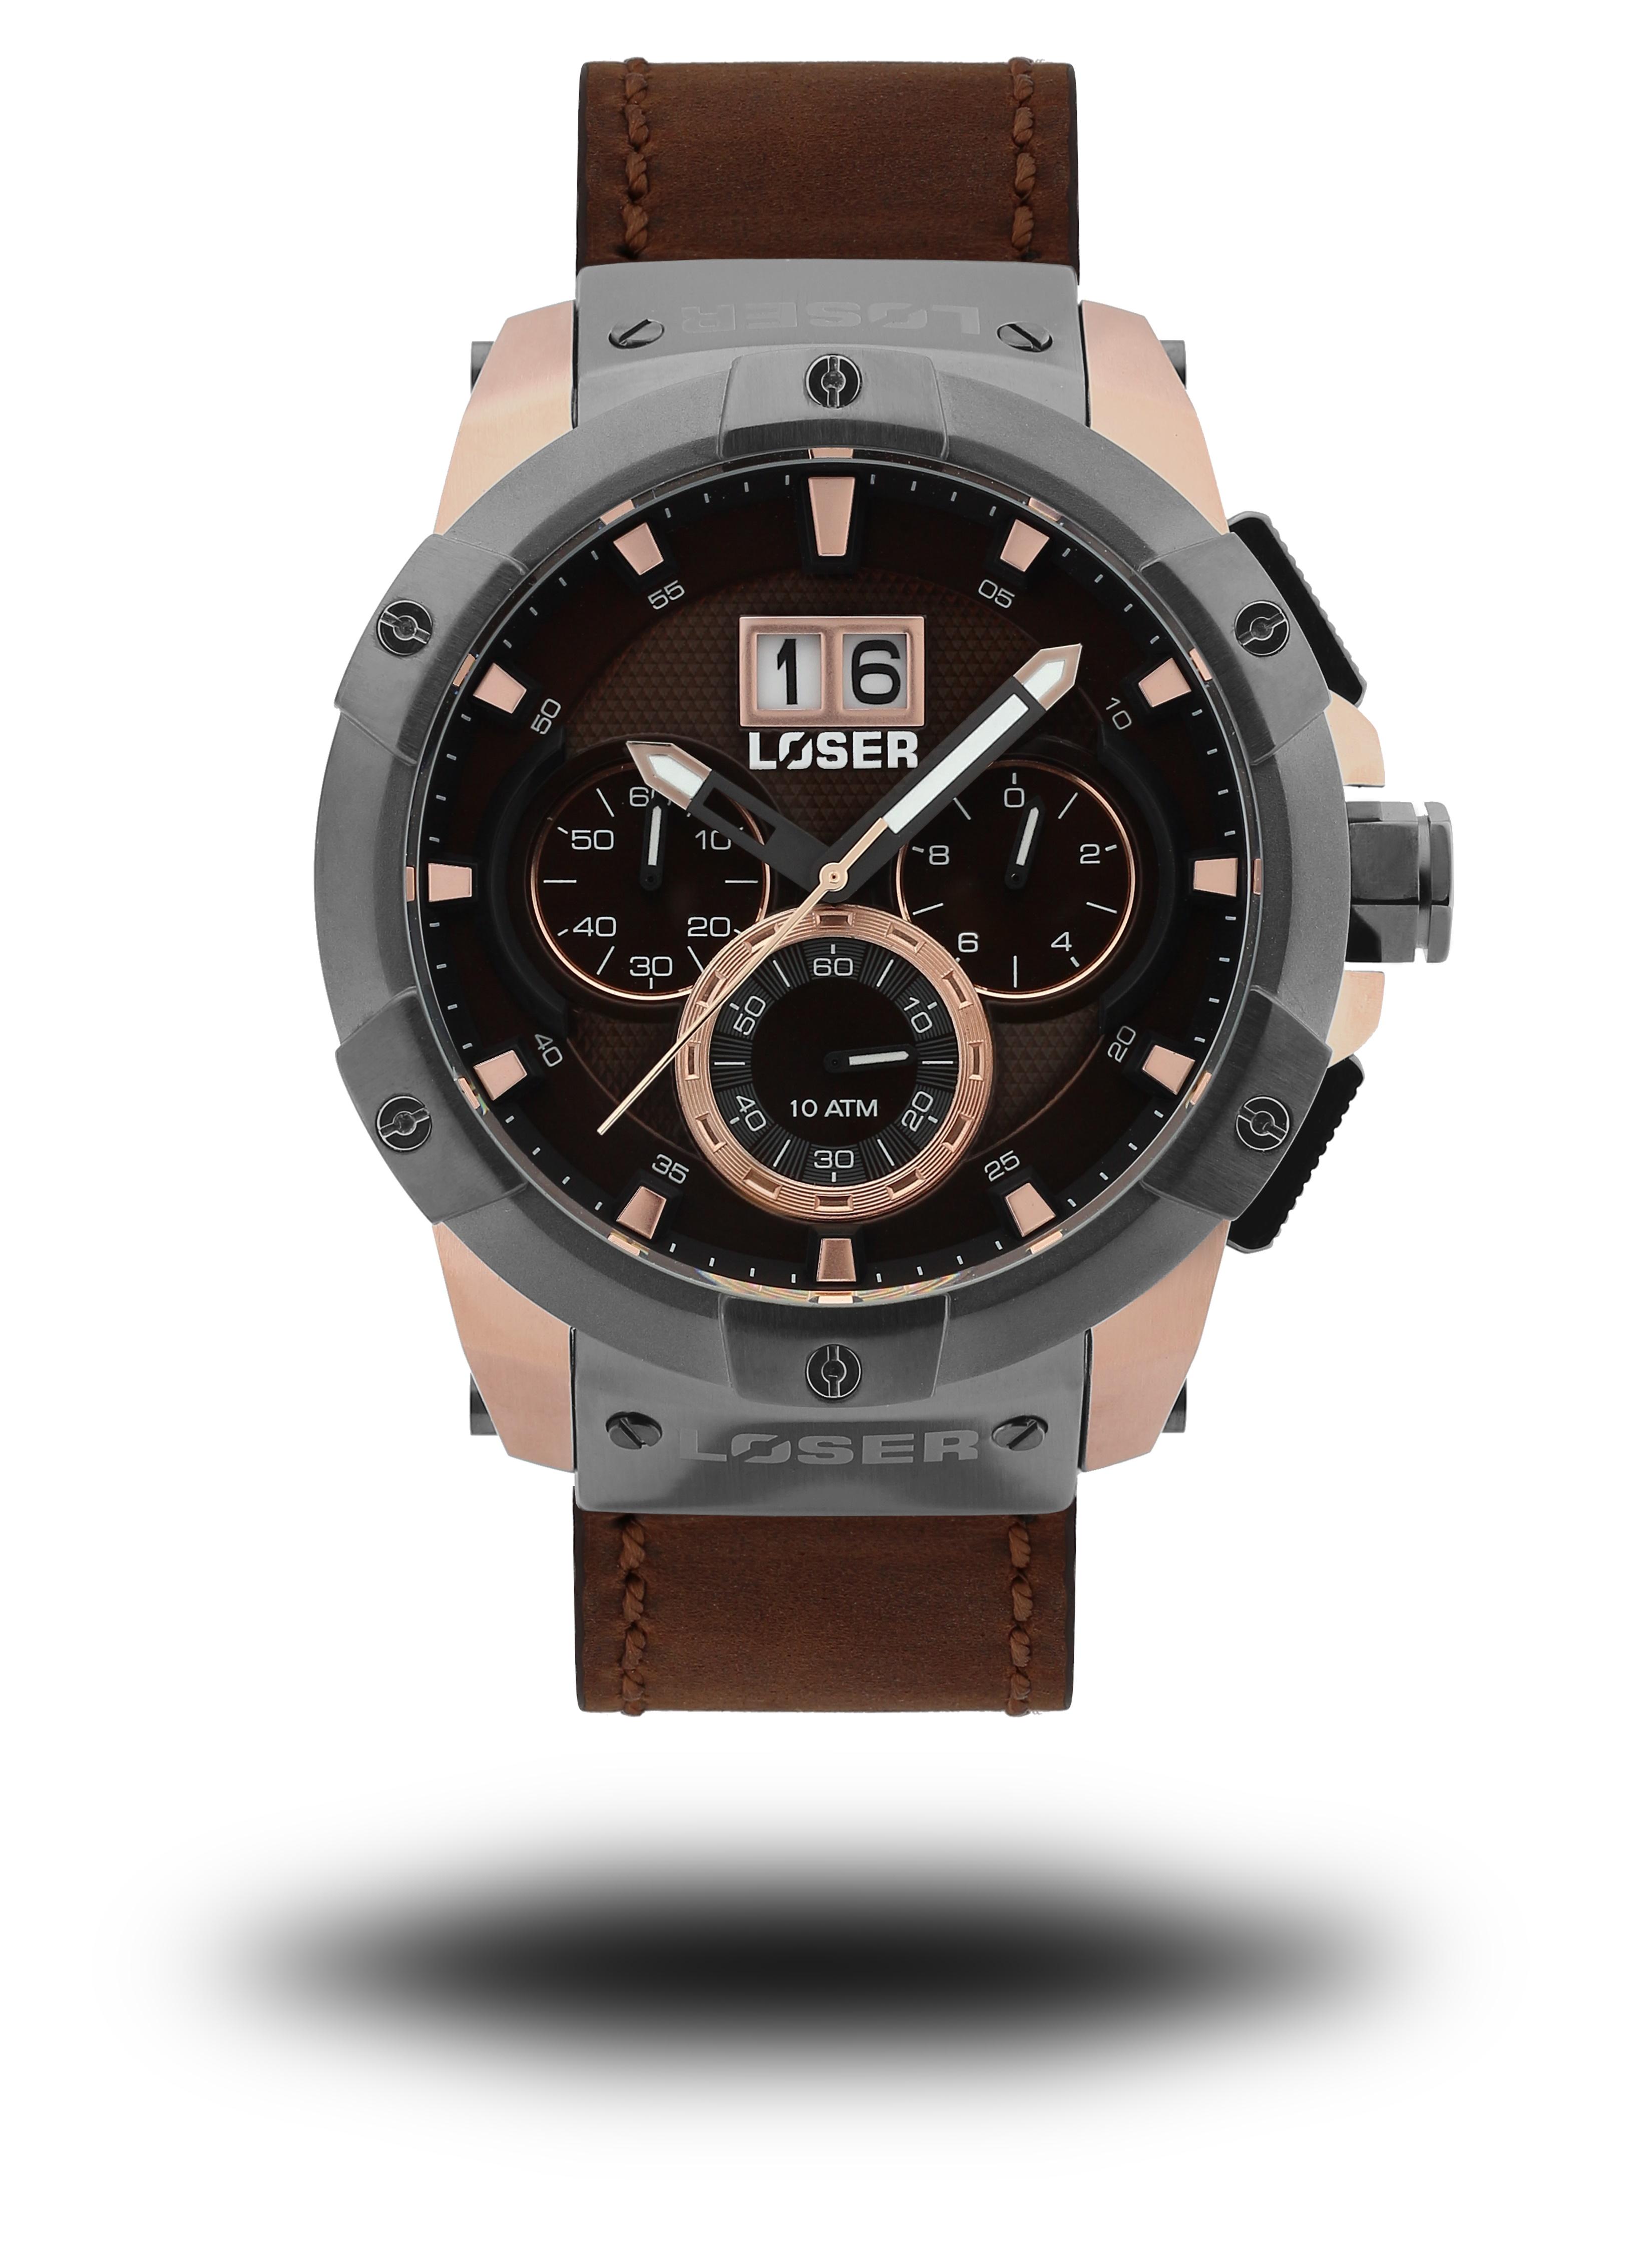 Luxusní nadčasové sportovní vodotěsné mohutné hodinky LOSER Vision NOBLE BROWN (POŠTOVNÉ ZDARMA!! )